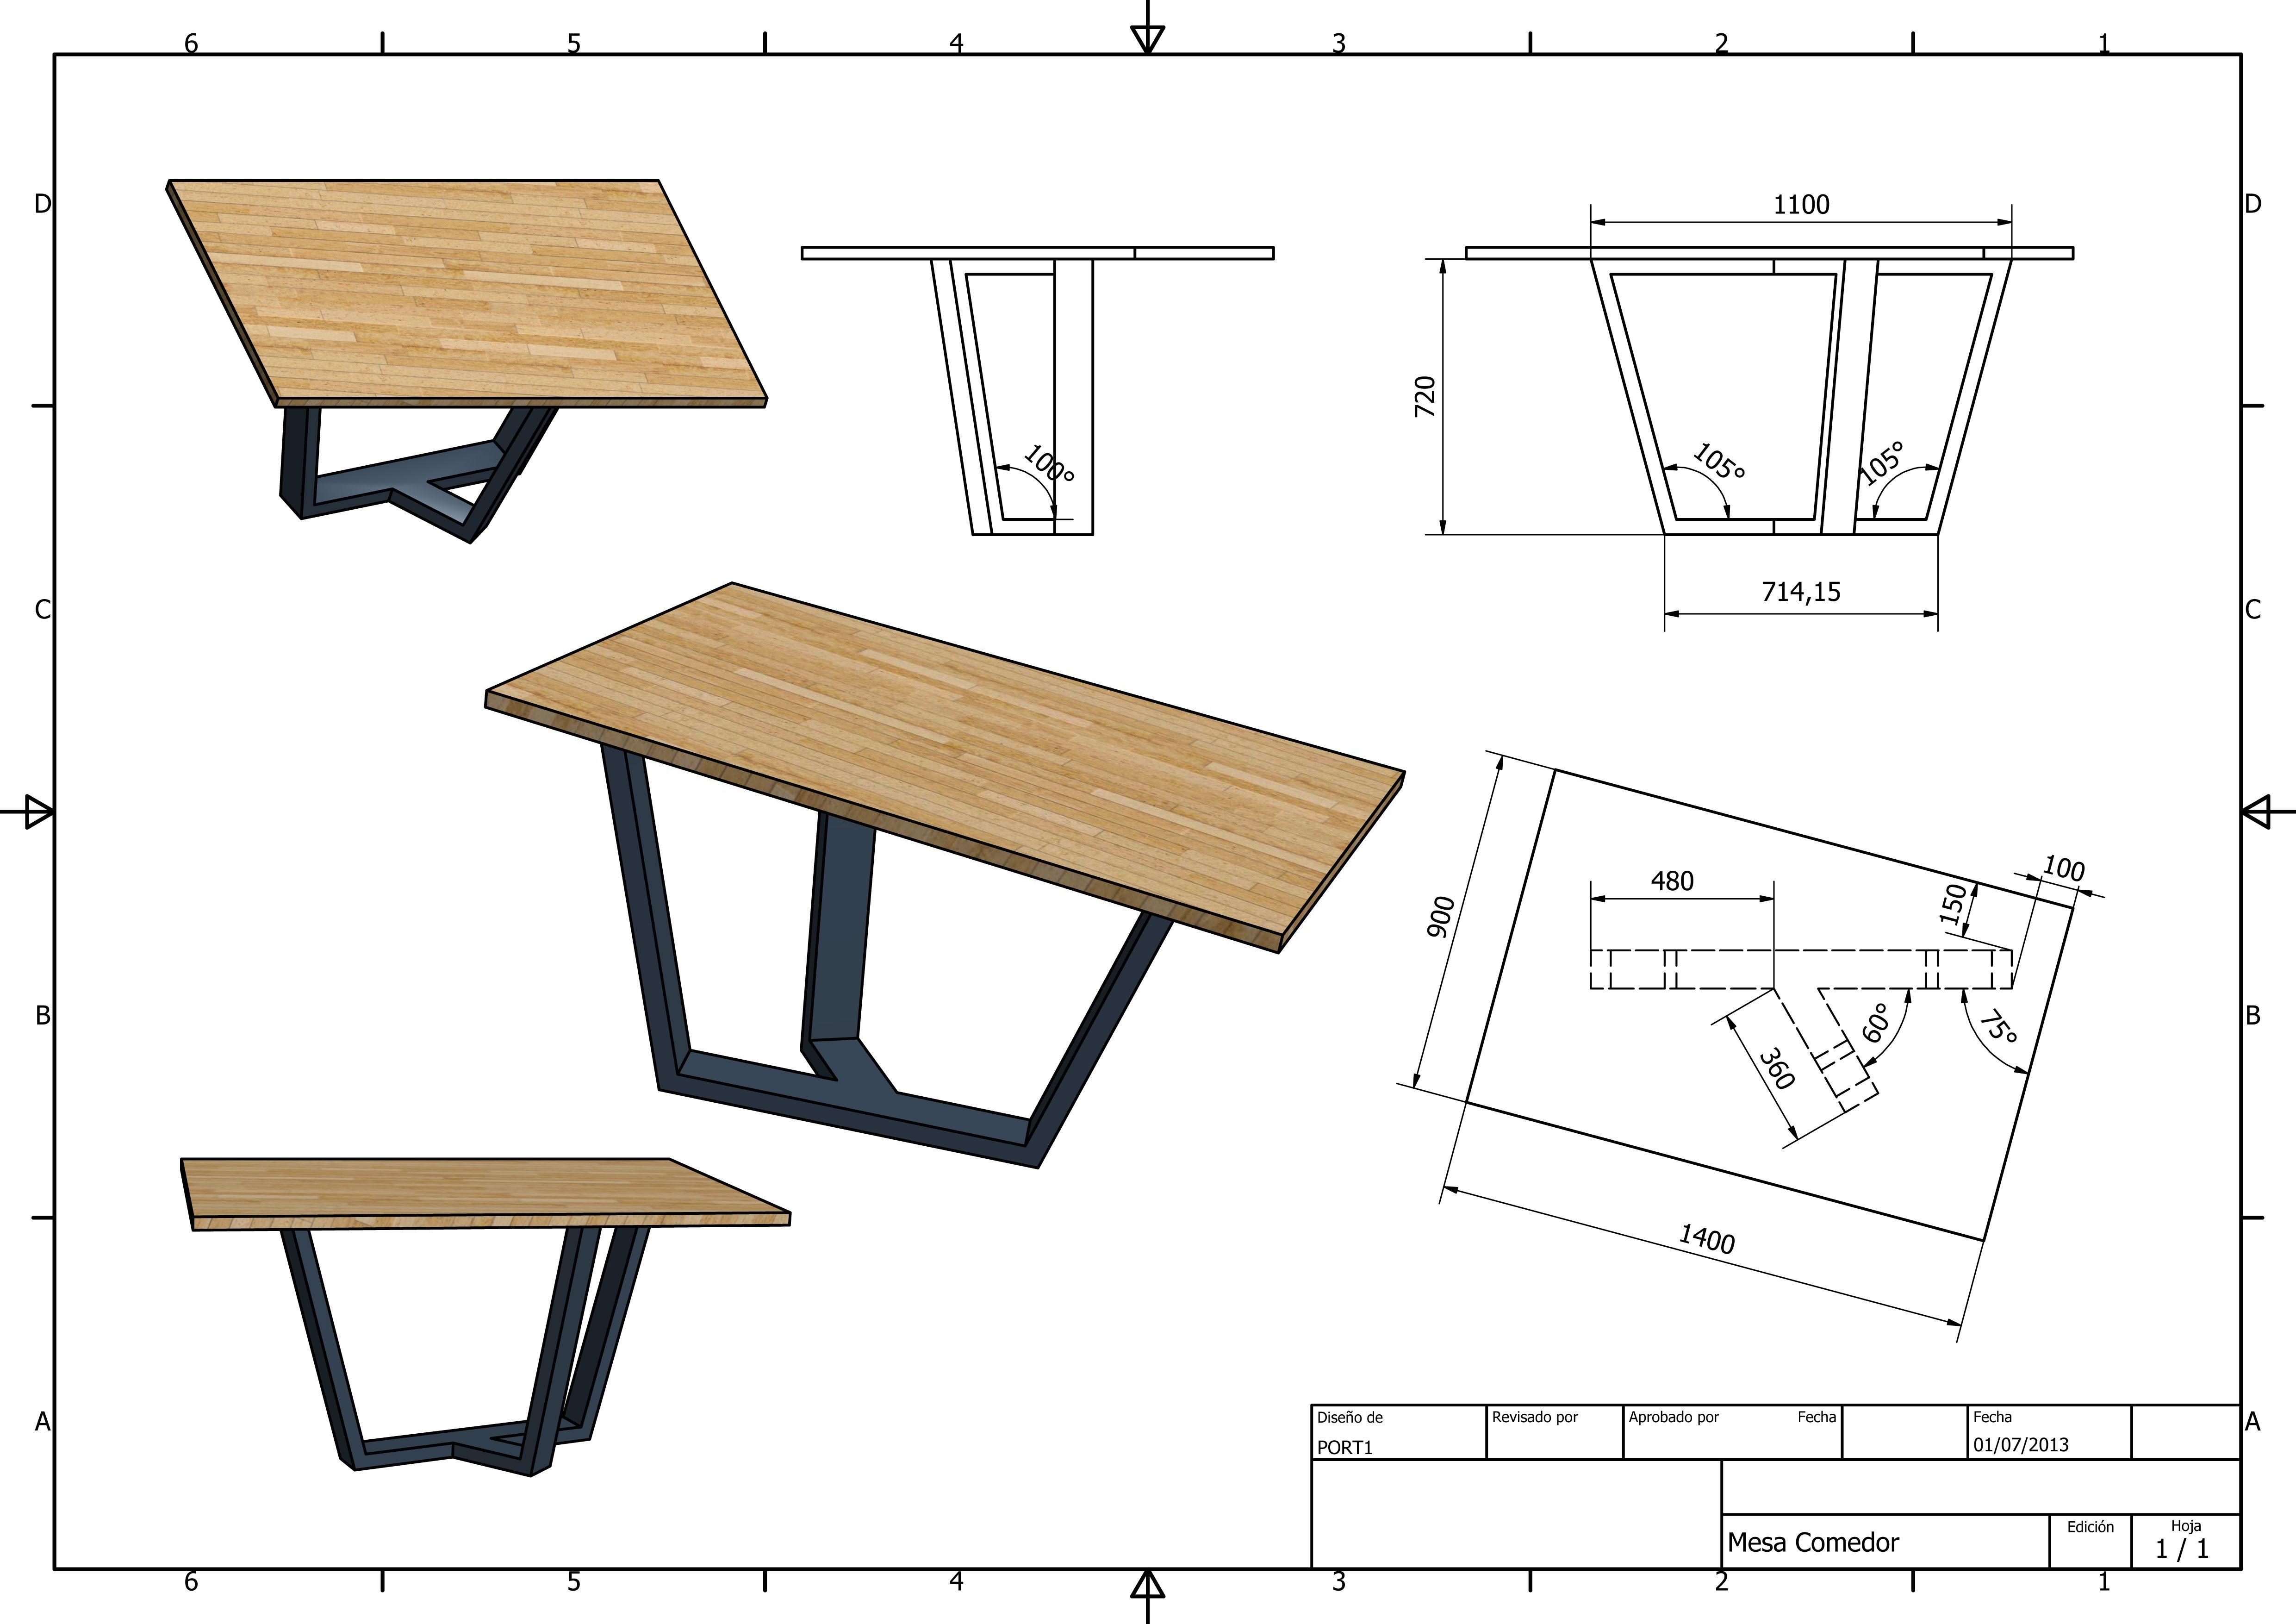 Mesa comedor planos arquitectura mesas de comedor - Mesas de arquitectura ...